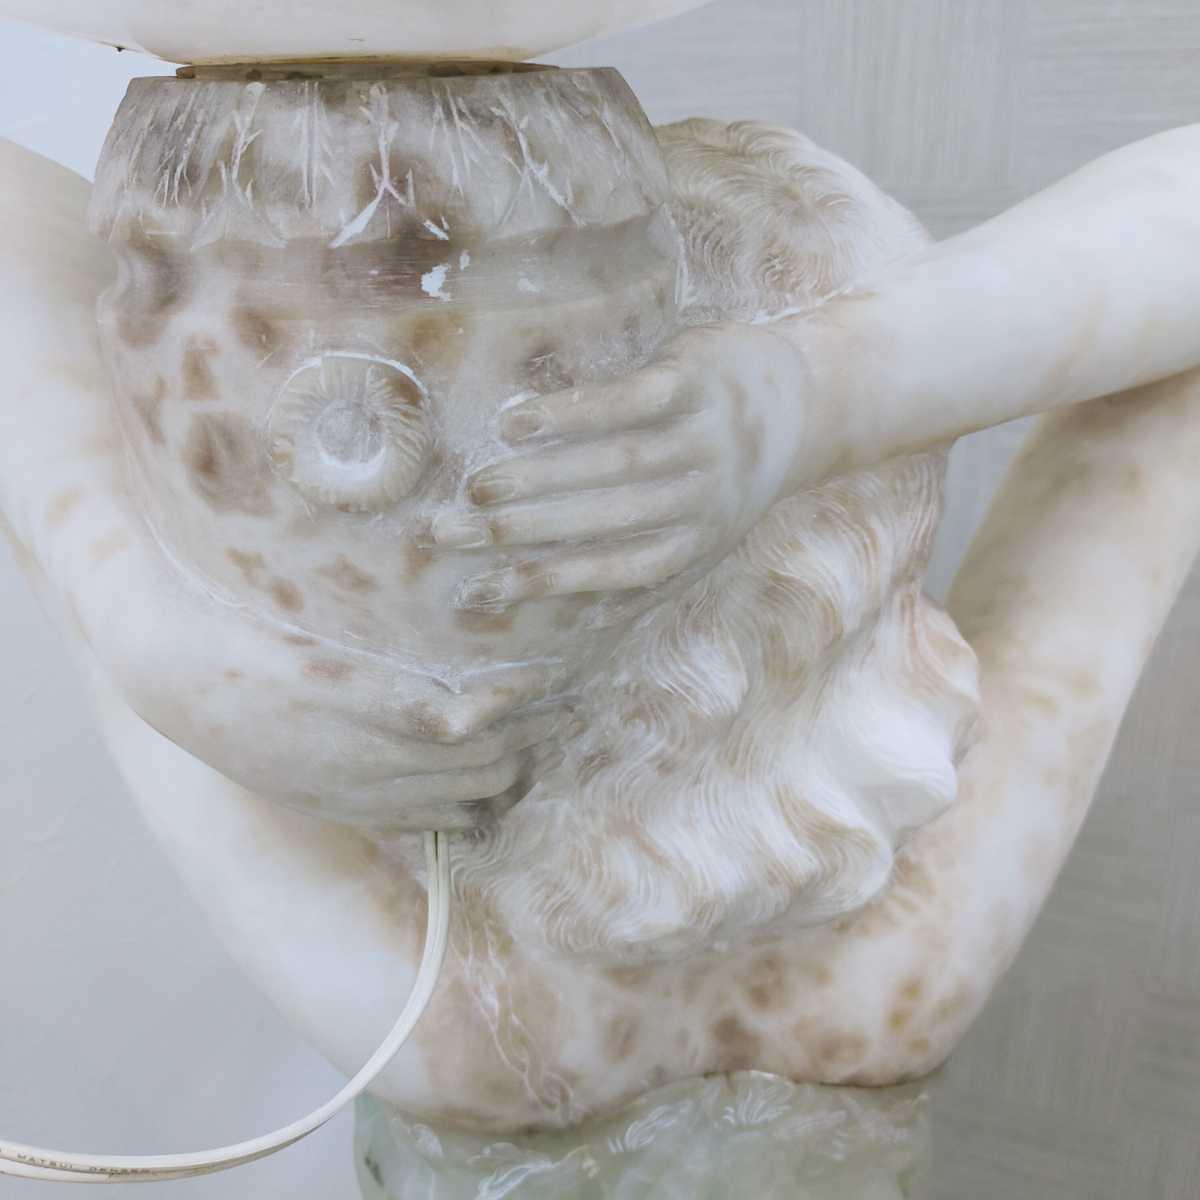 透明感ある天然石の最高級ビーナス ランプ 照明 H約138 150万円 照明器具 オブジェ フロアスタンド_画像8